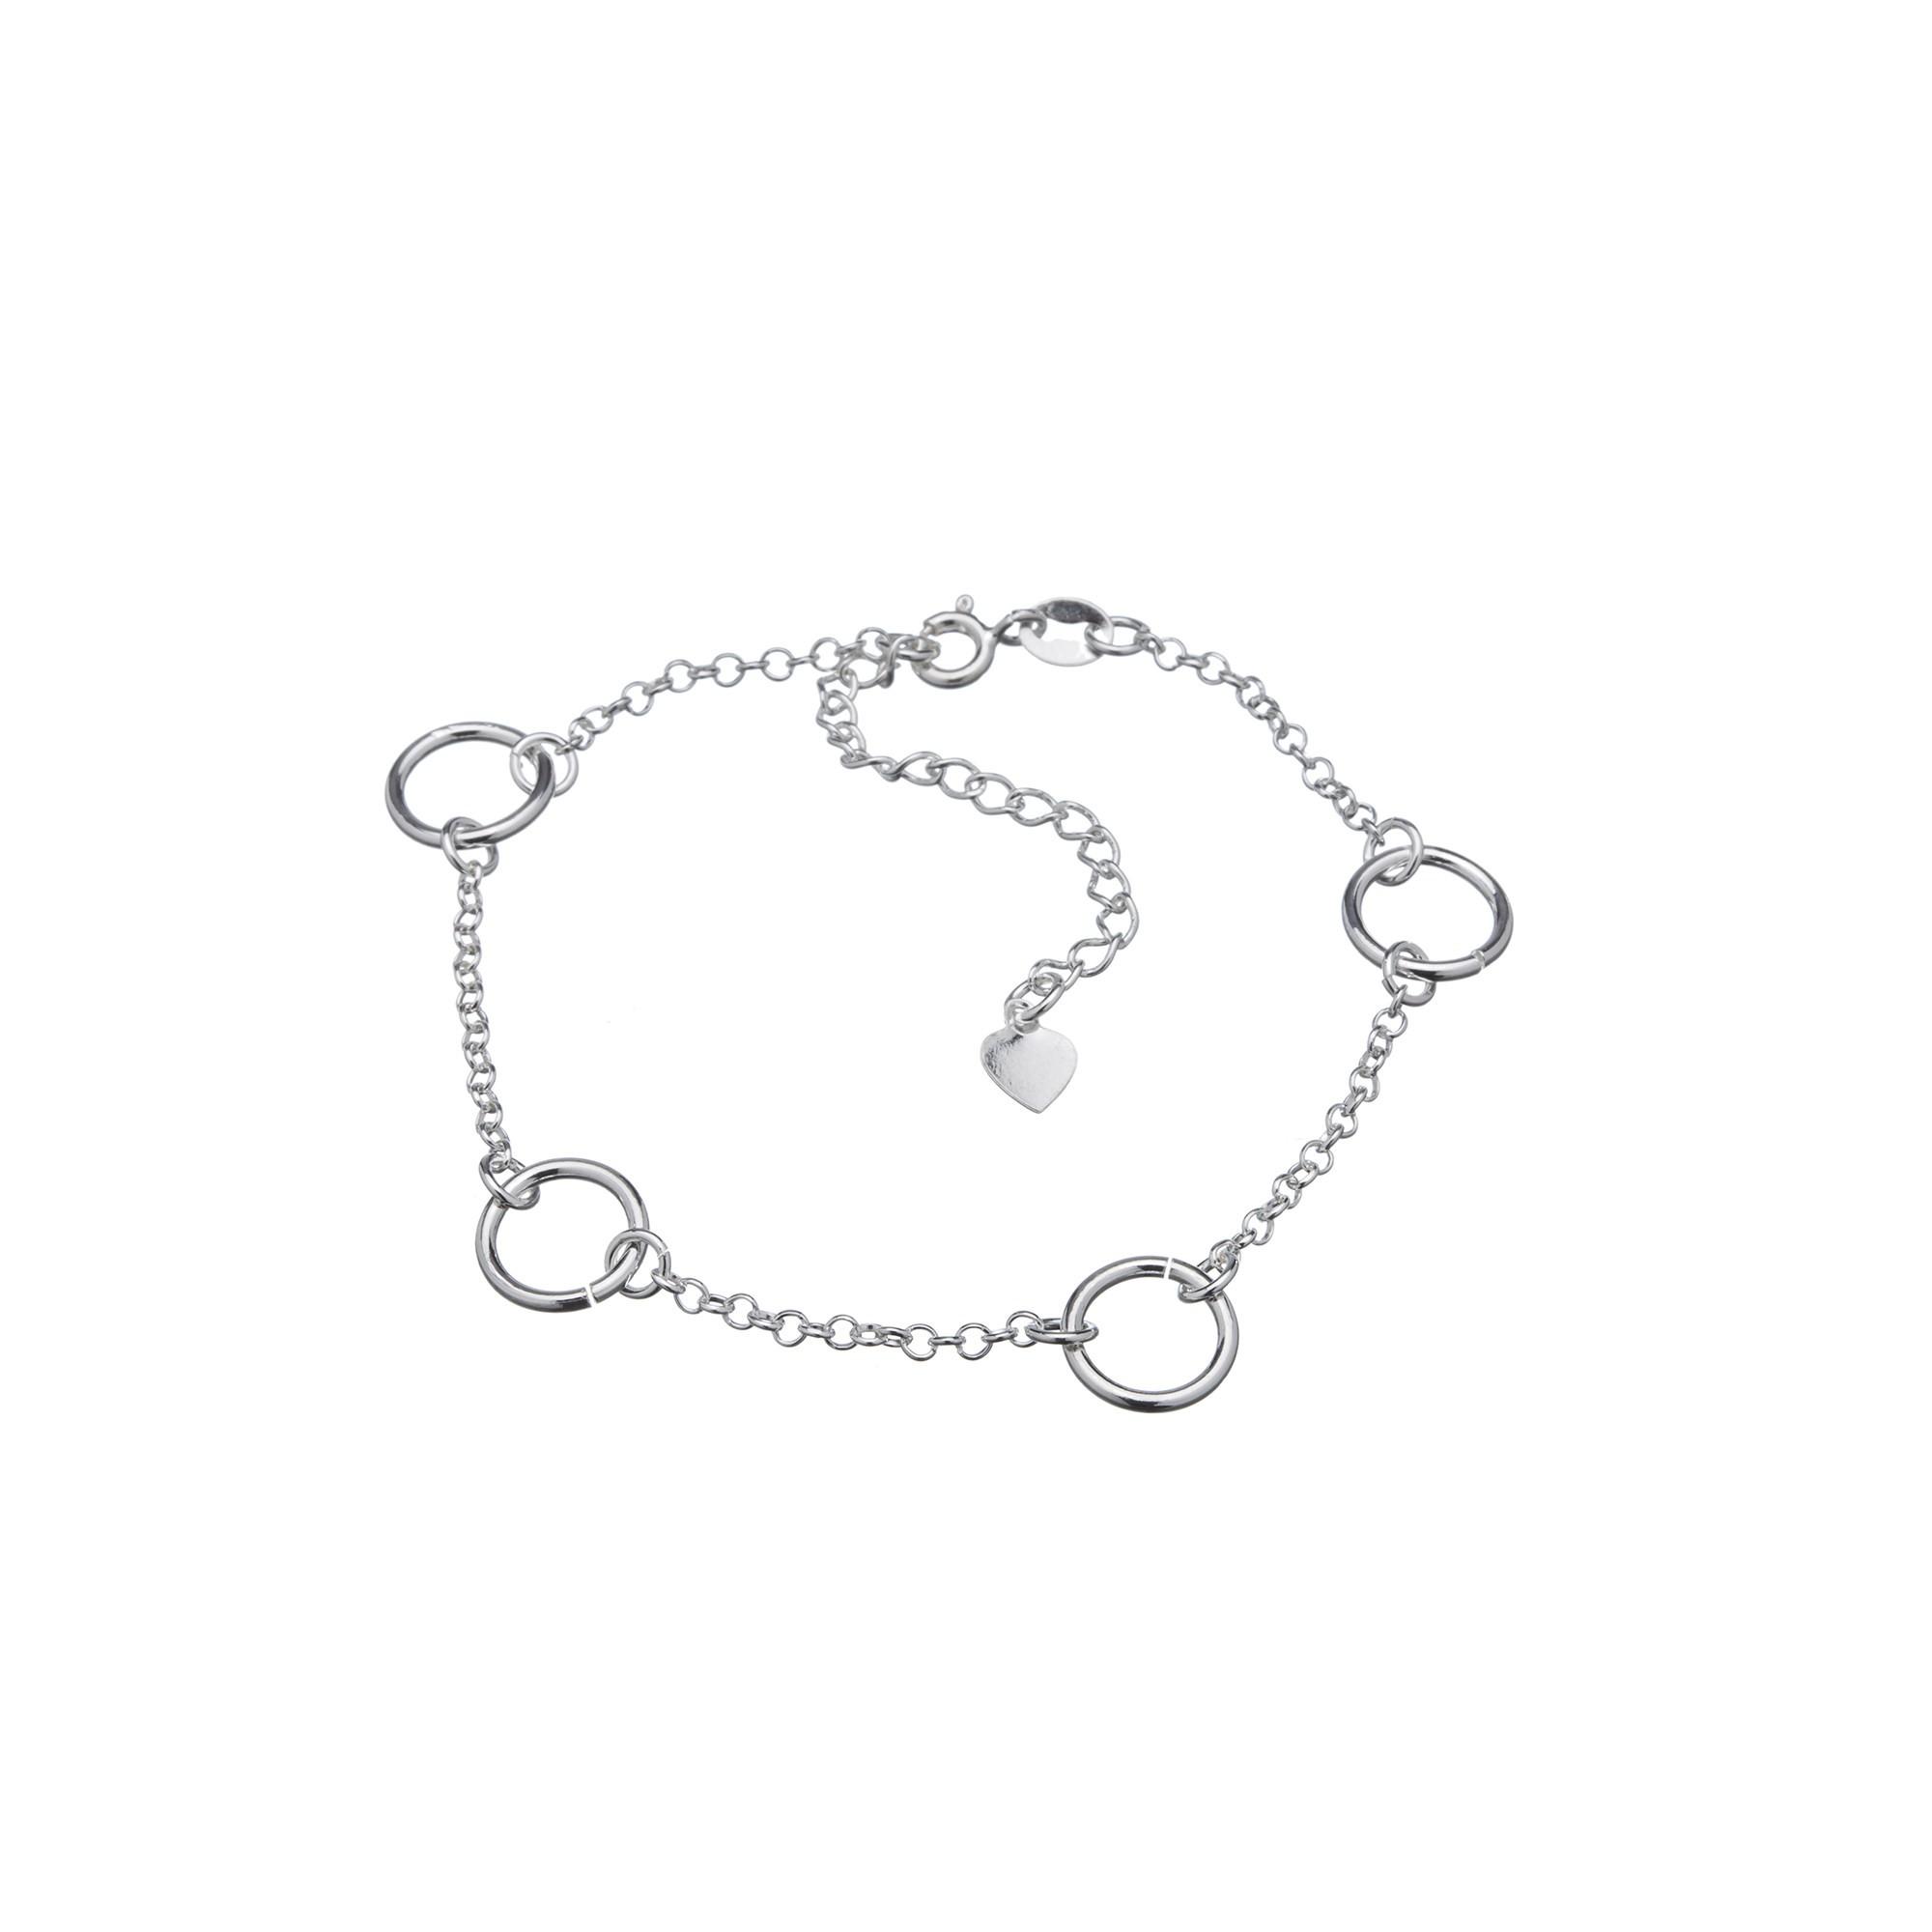 Pulseira Círculos em Prata 925 16cm + Extensor